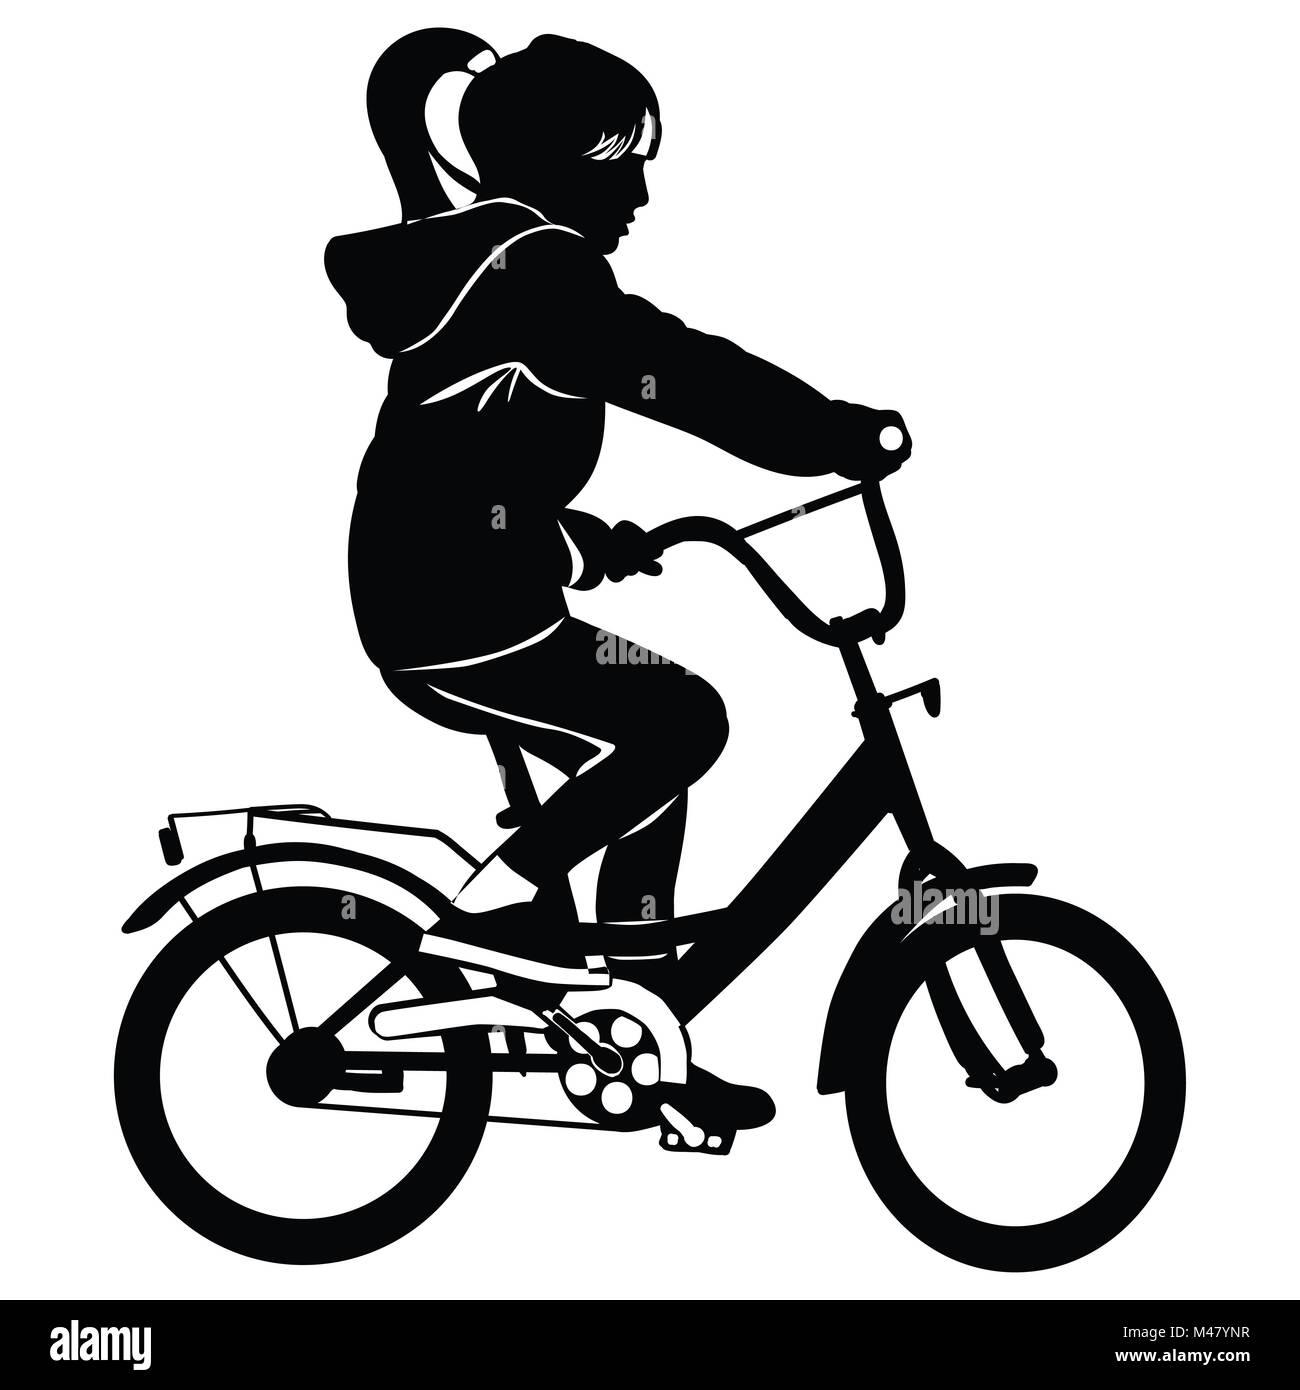 Kleines Mädchen reitet ein Fahrrad - Kontur Stockbild